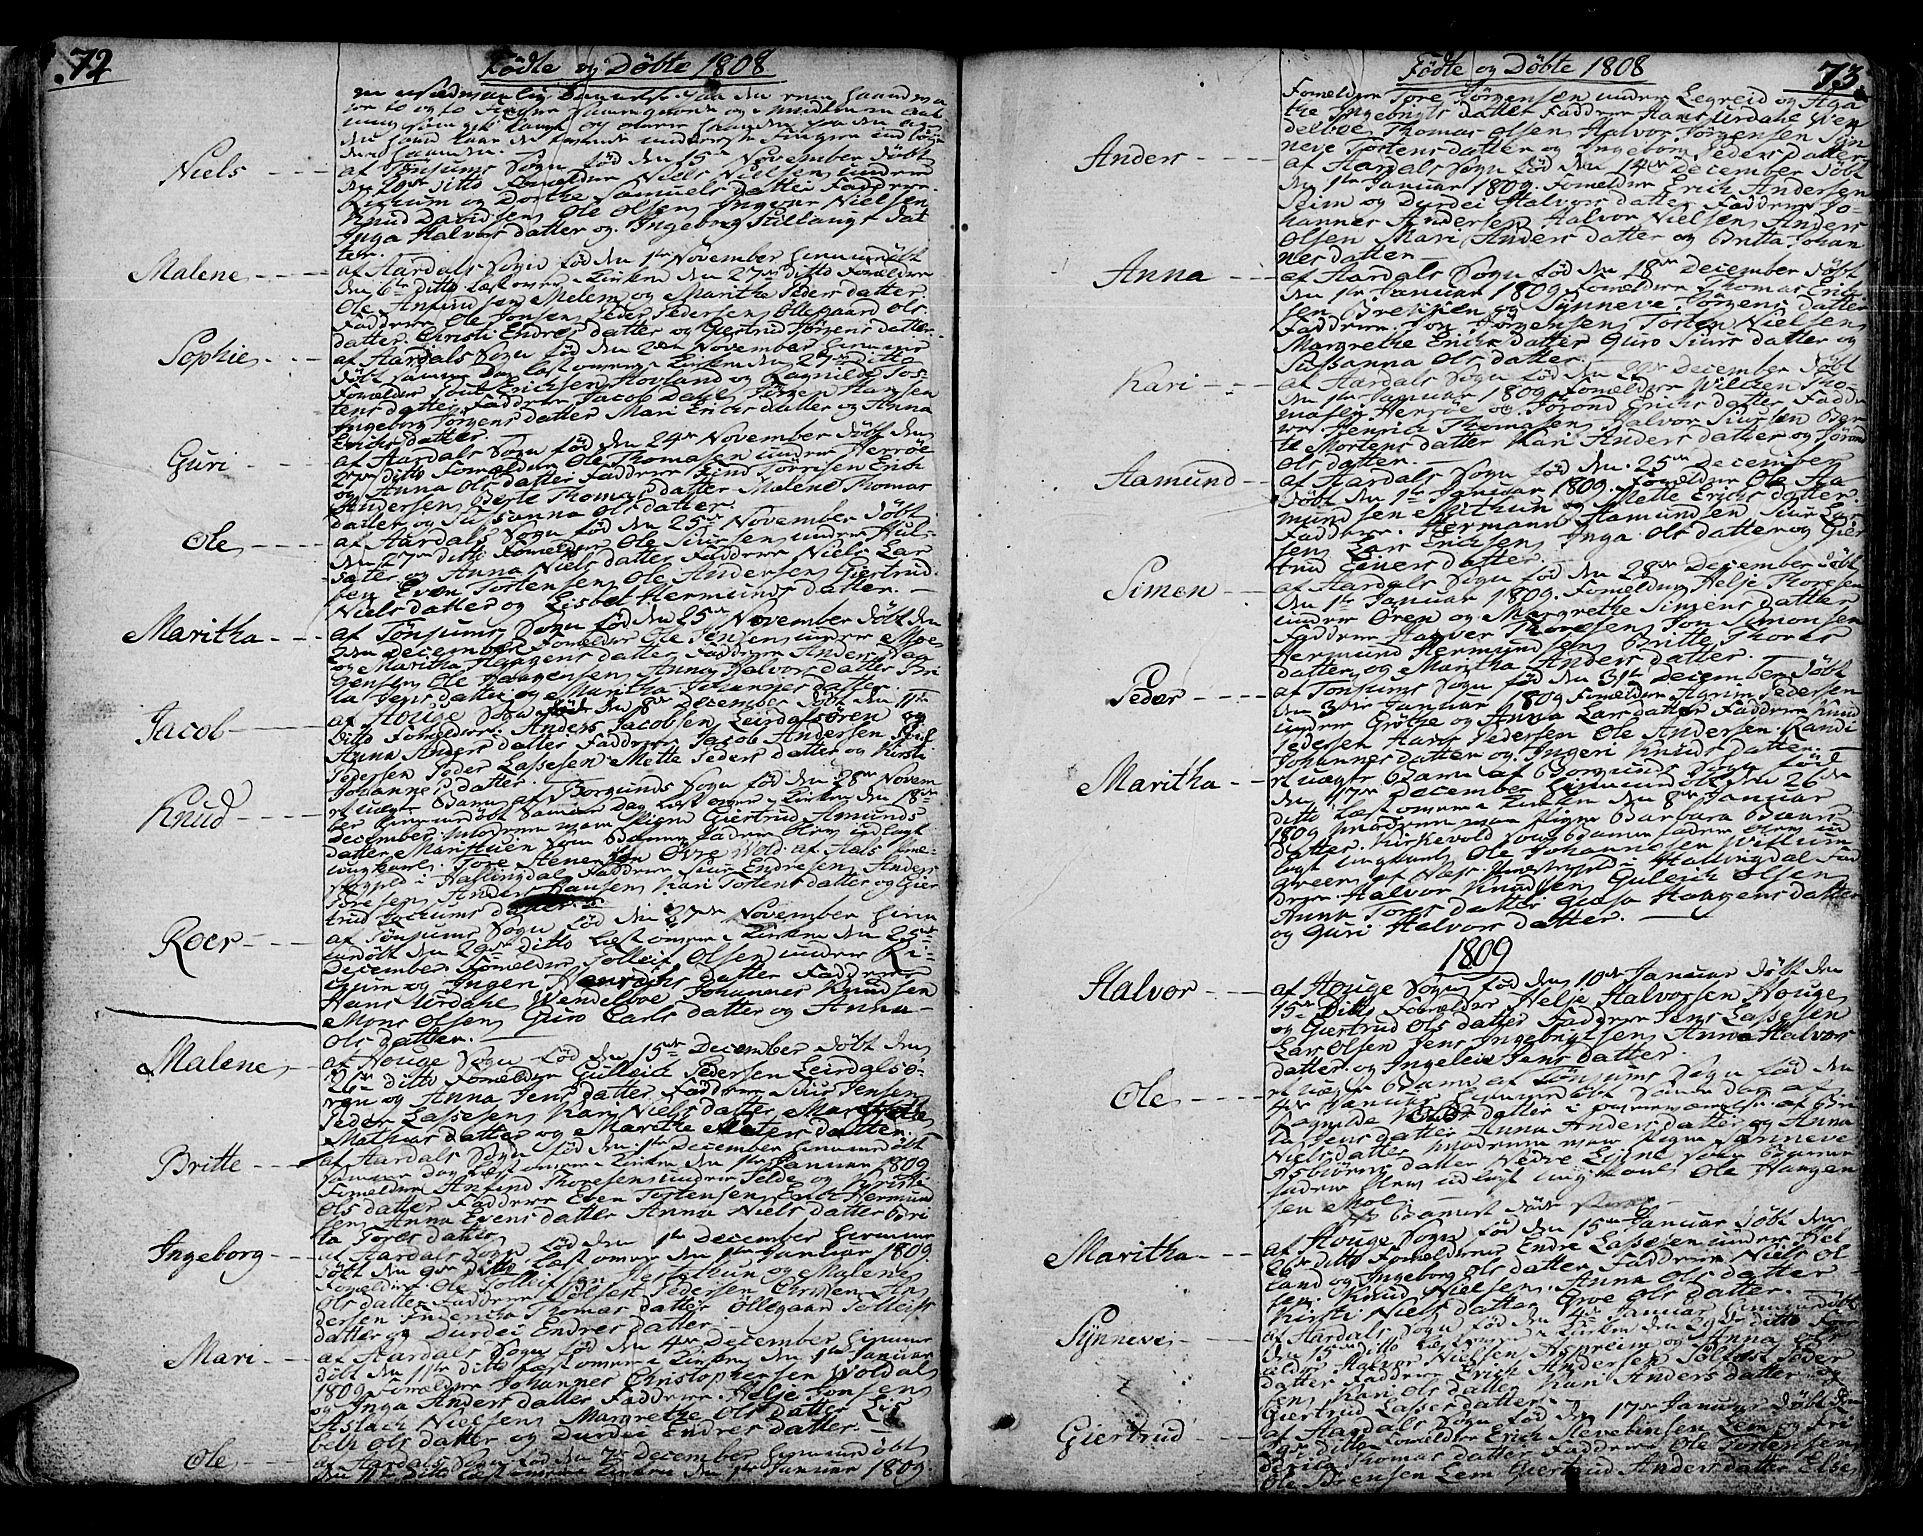 SAB, Lærdal sokneprestembete, Ministerialbok nr. A 4, 1805-1821, s. 72-73